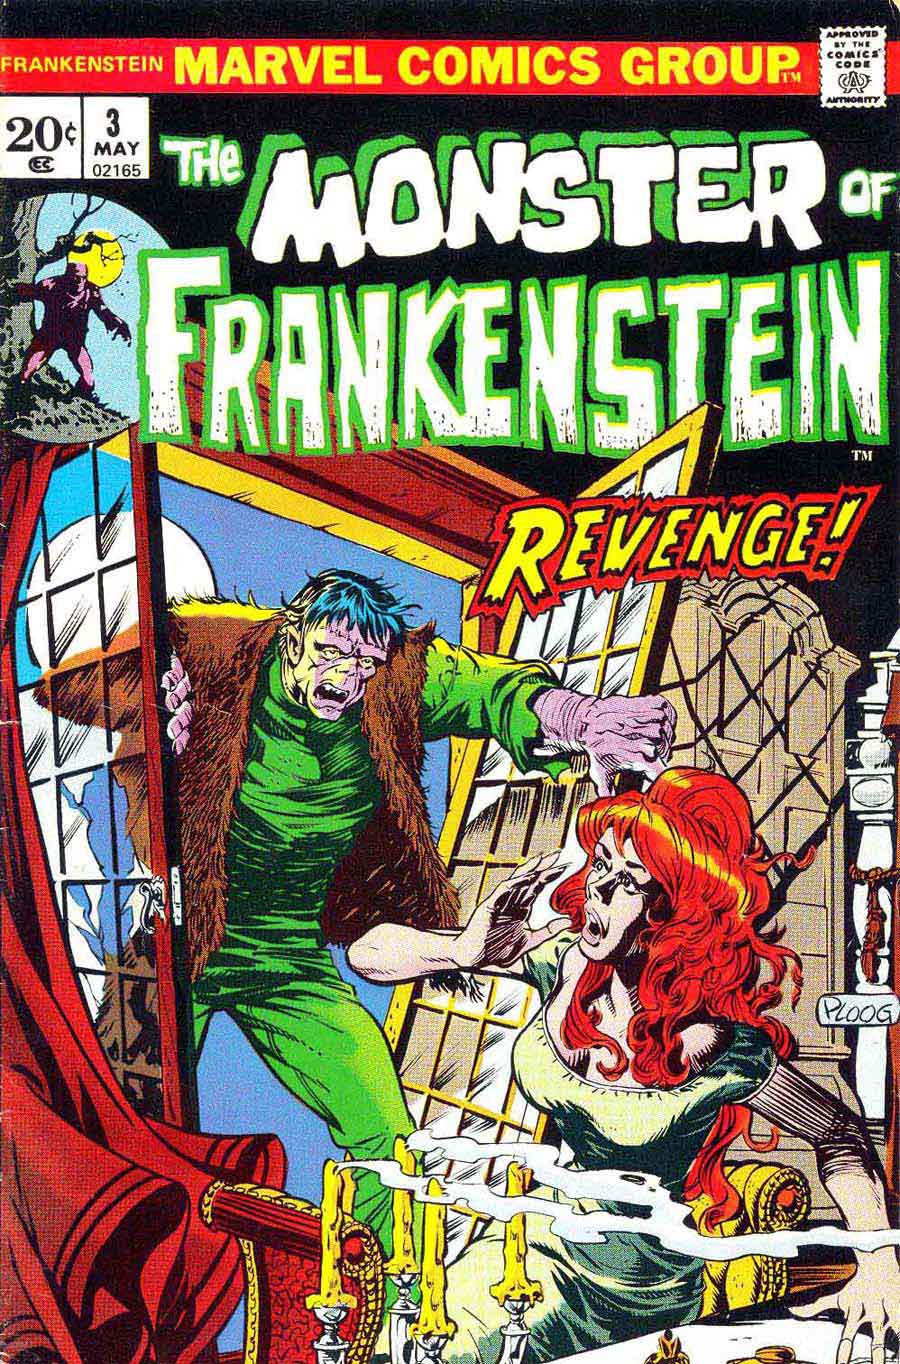 Frankenstein v2 #3 marvel comic book cover art by Mike Ploog